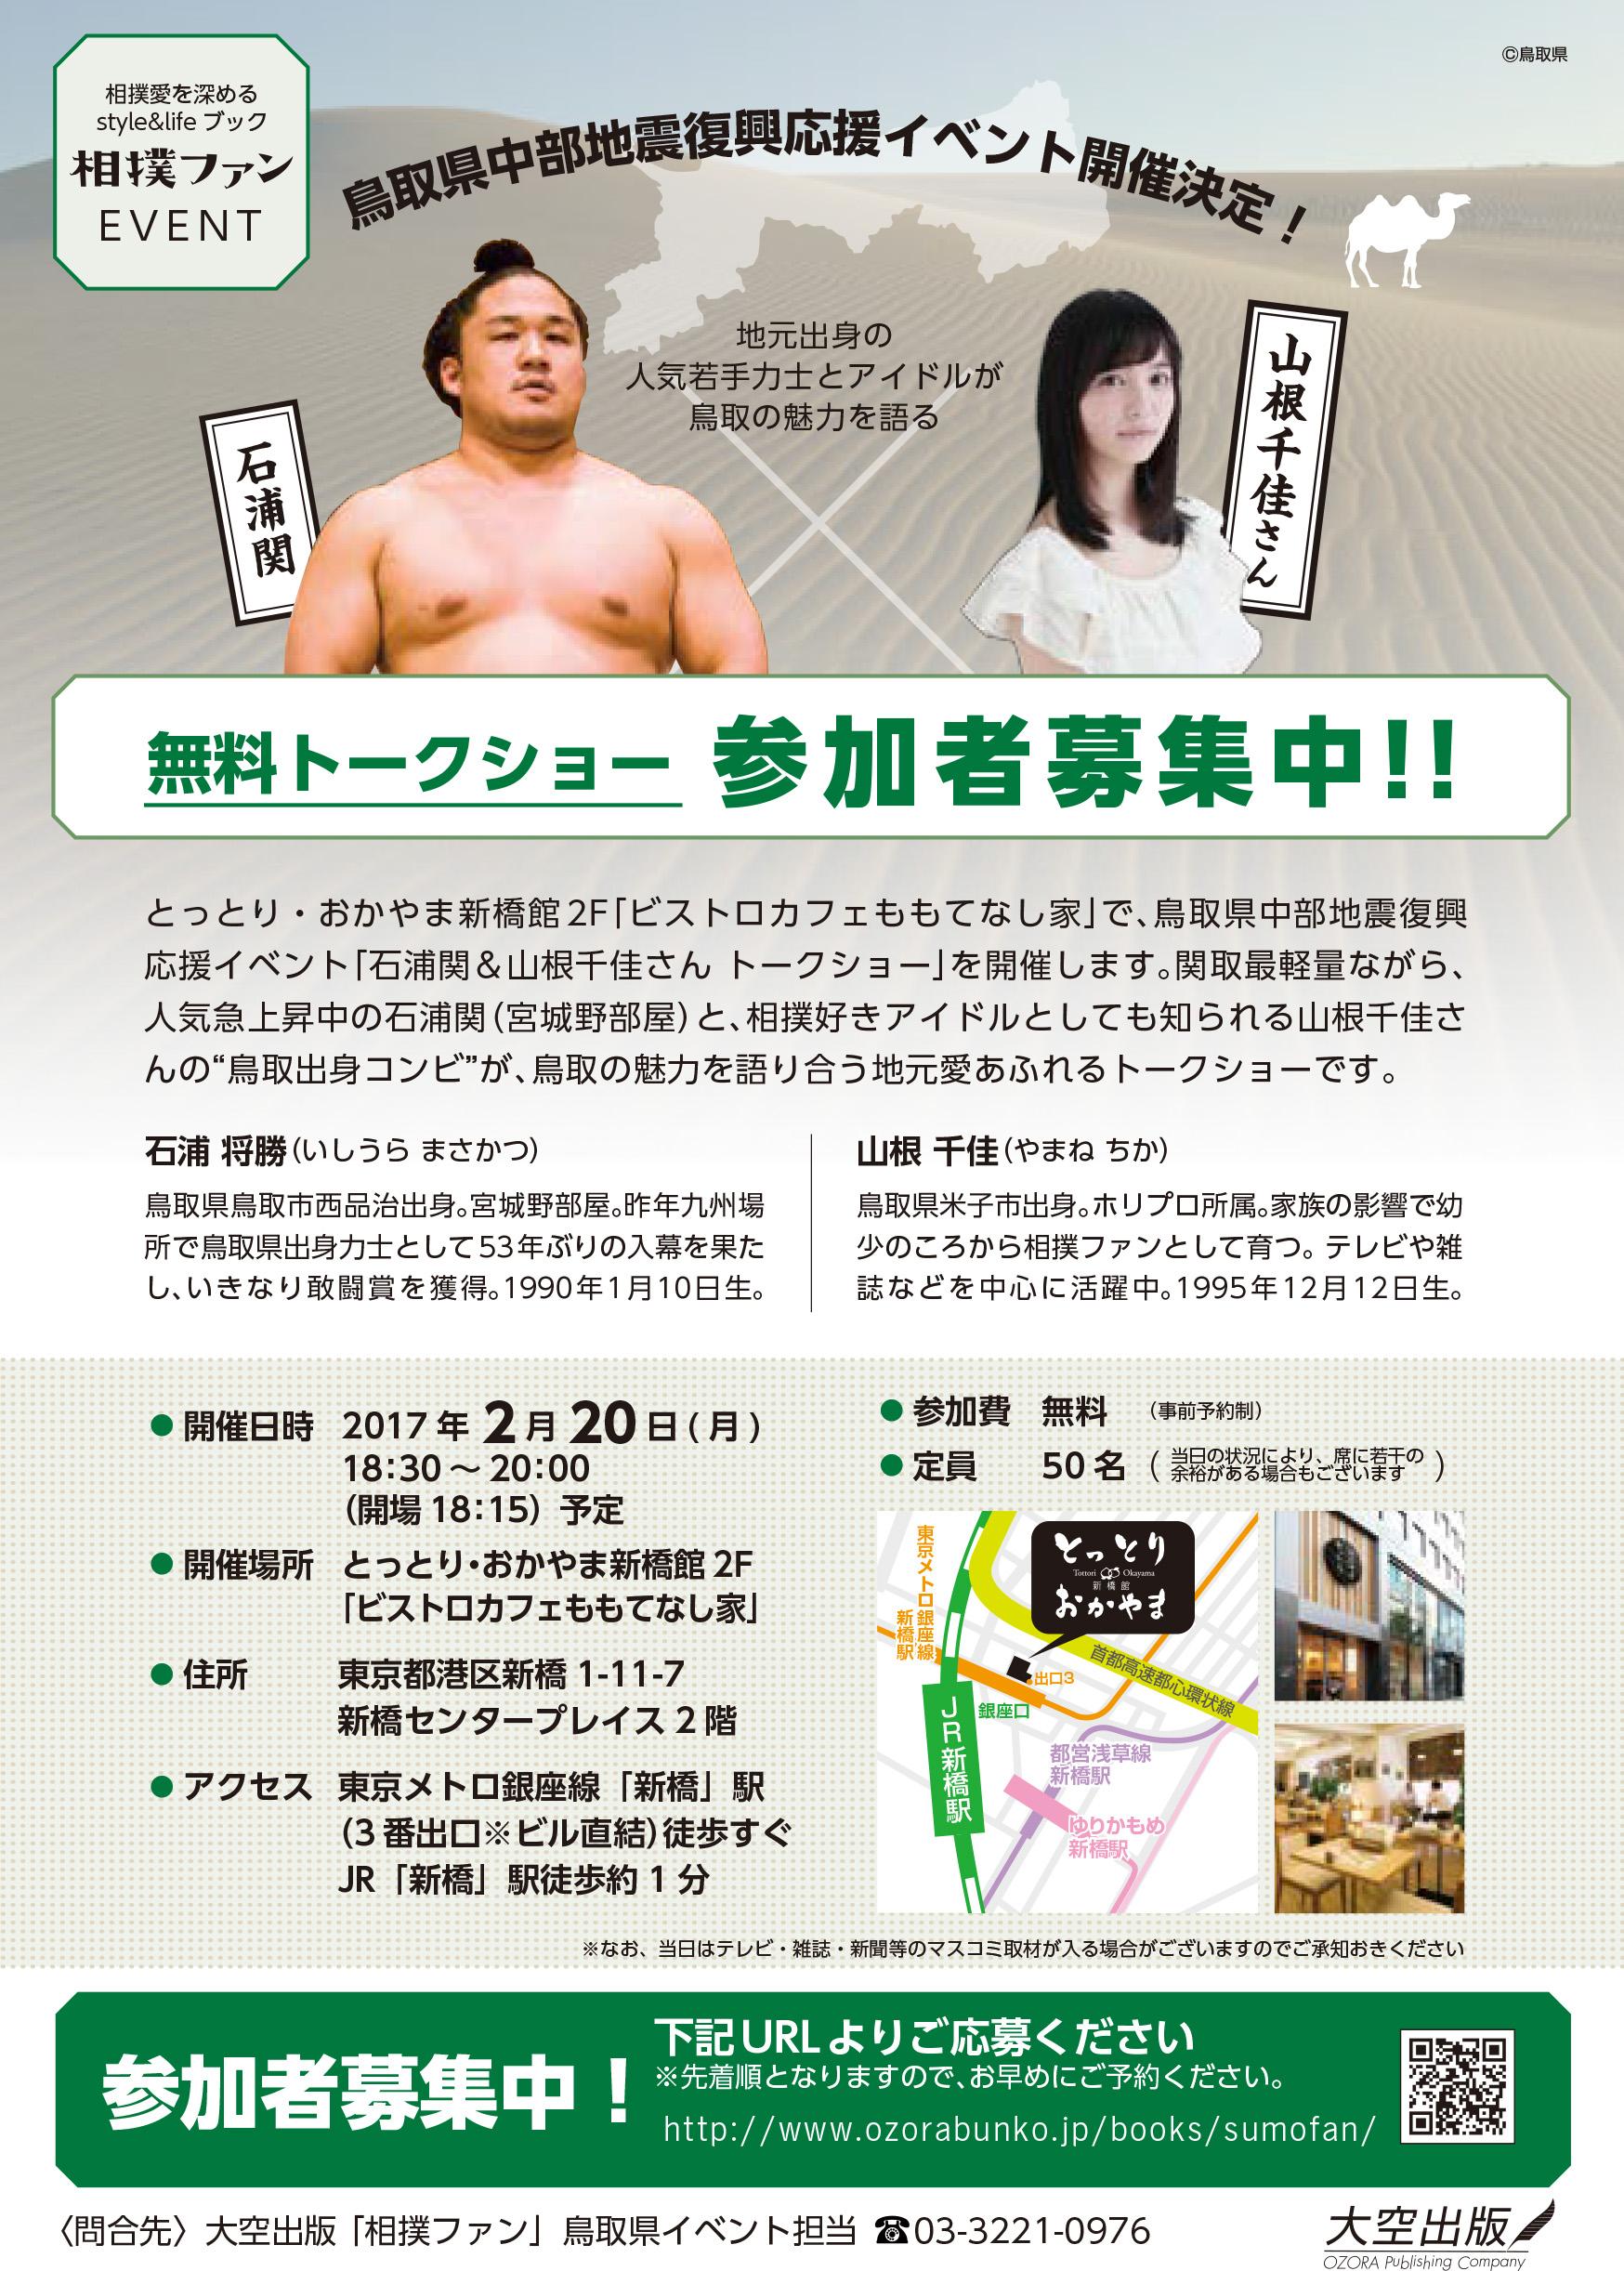 2/20(月)参加無料!『石浦関&山根千佳さん トークショー』開催!